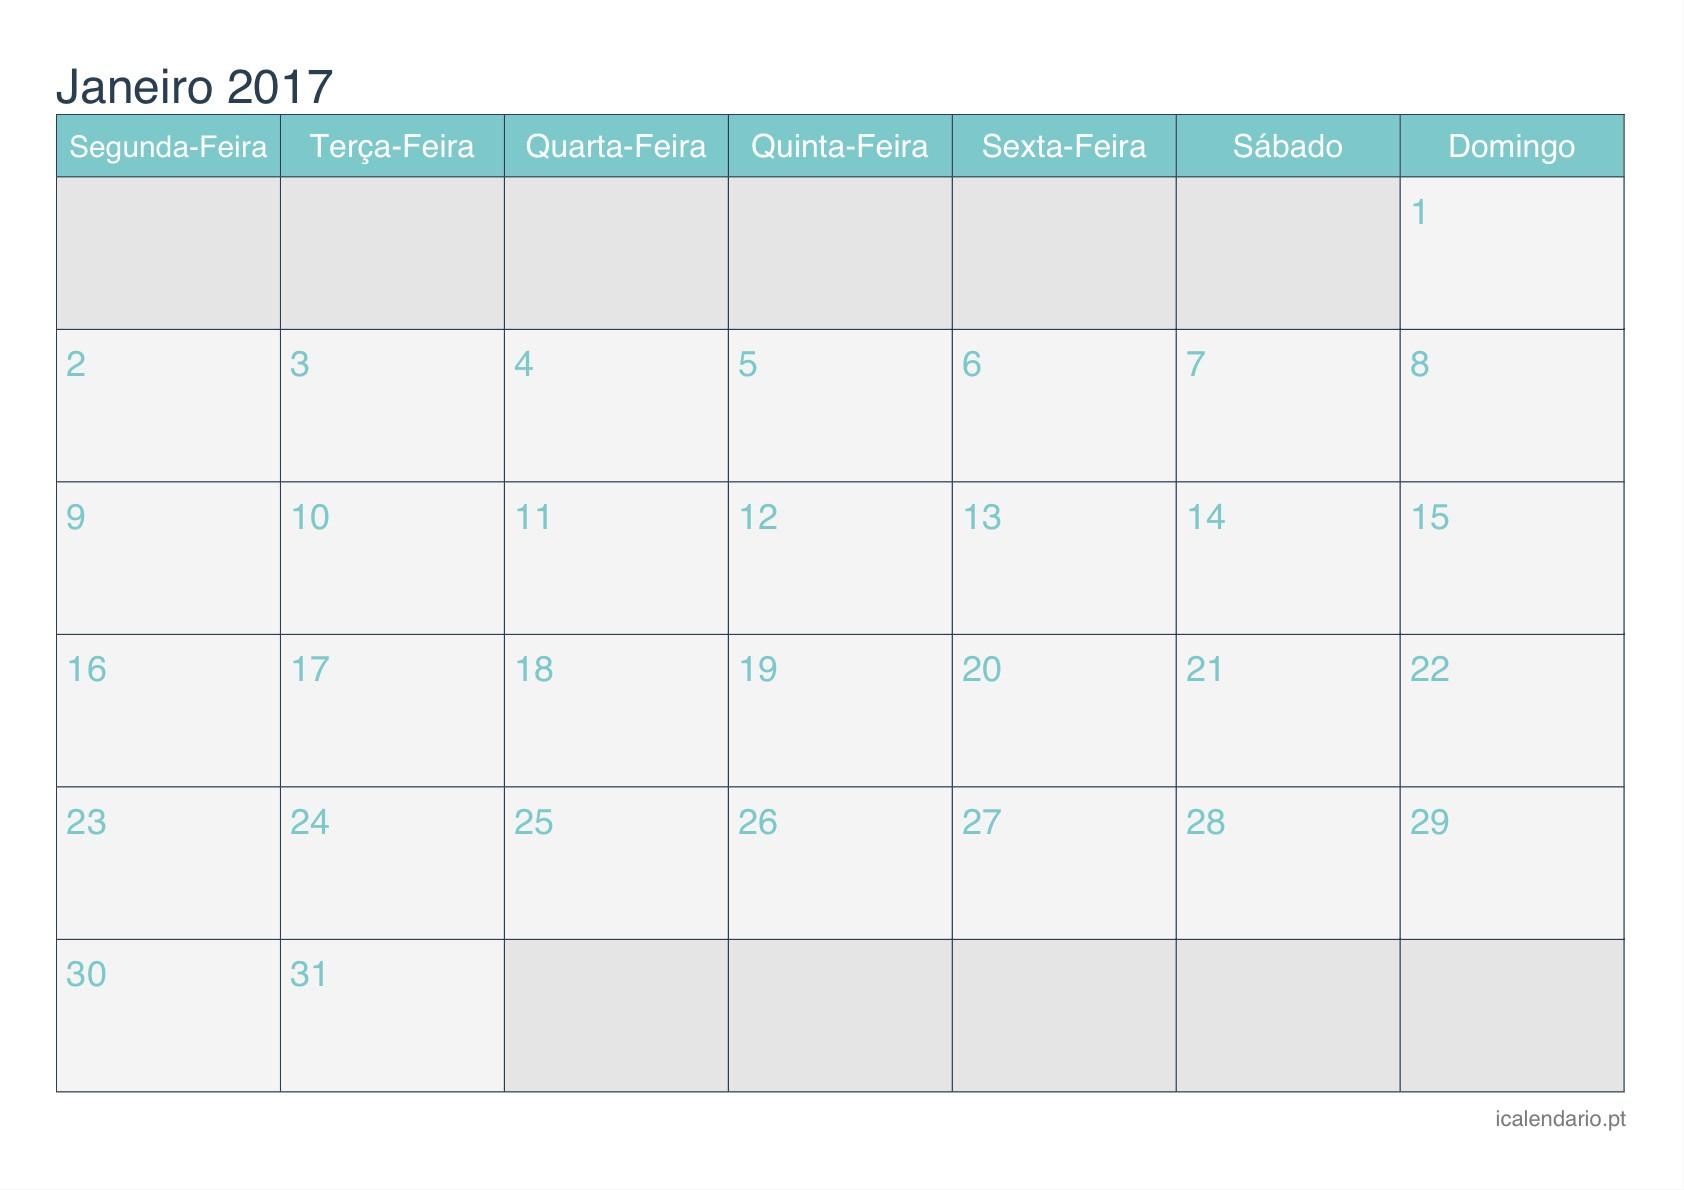 Calendario 2017 Para Imprimir A3 Más Arriba-a-fecha 100 [ Calendario Para Sala De Aula ] Of Calendario 2017 Para Imprimir A3 Recientes Páginal De2 formularios Disponibles Pdf